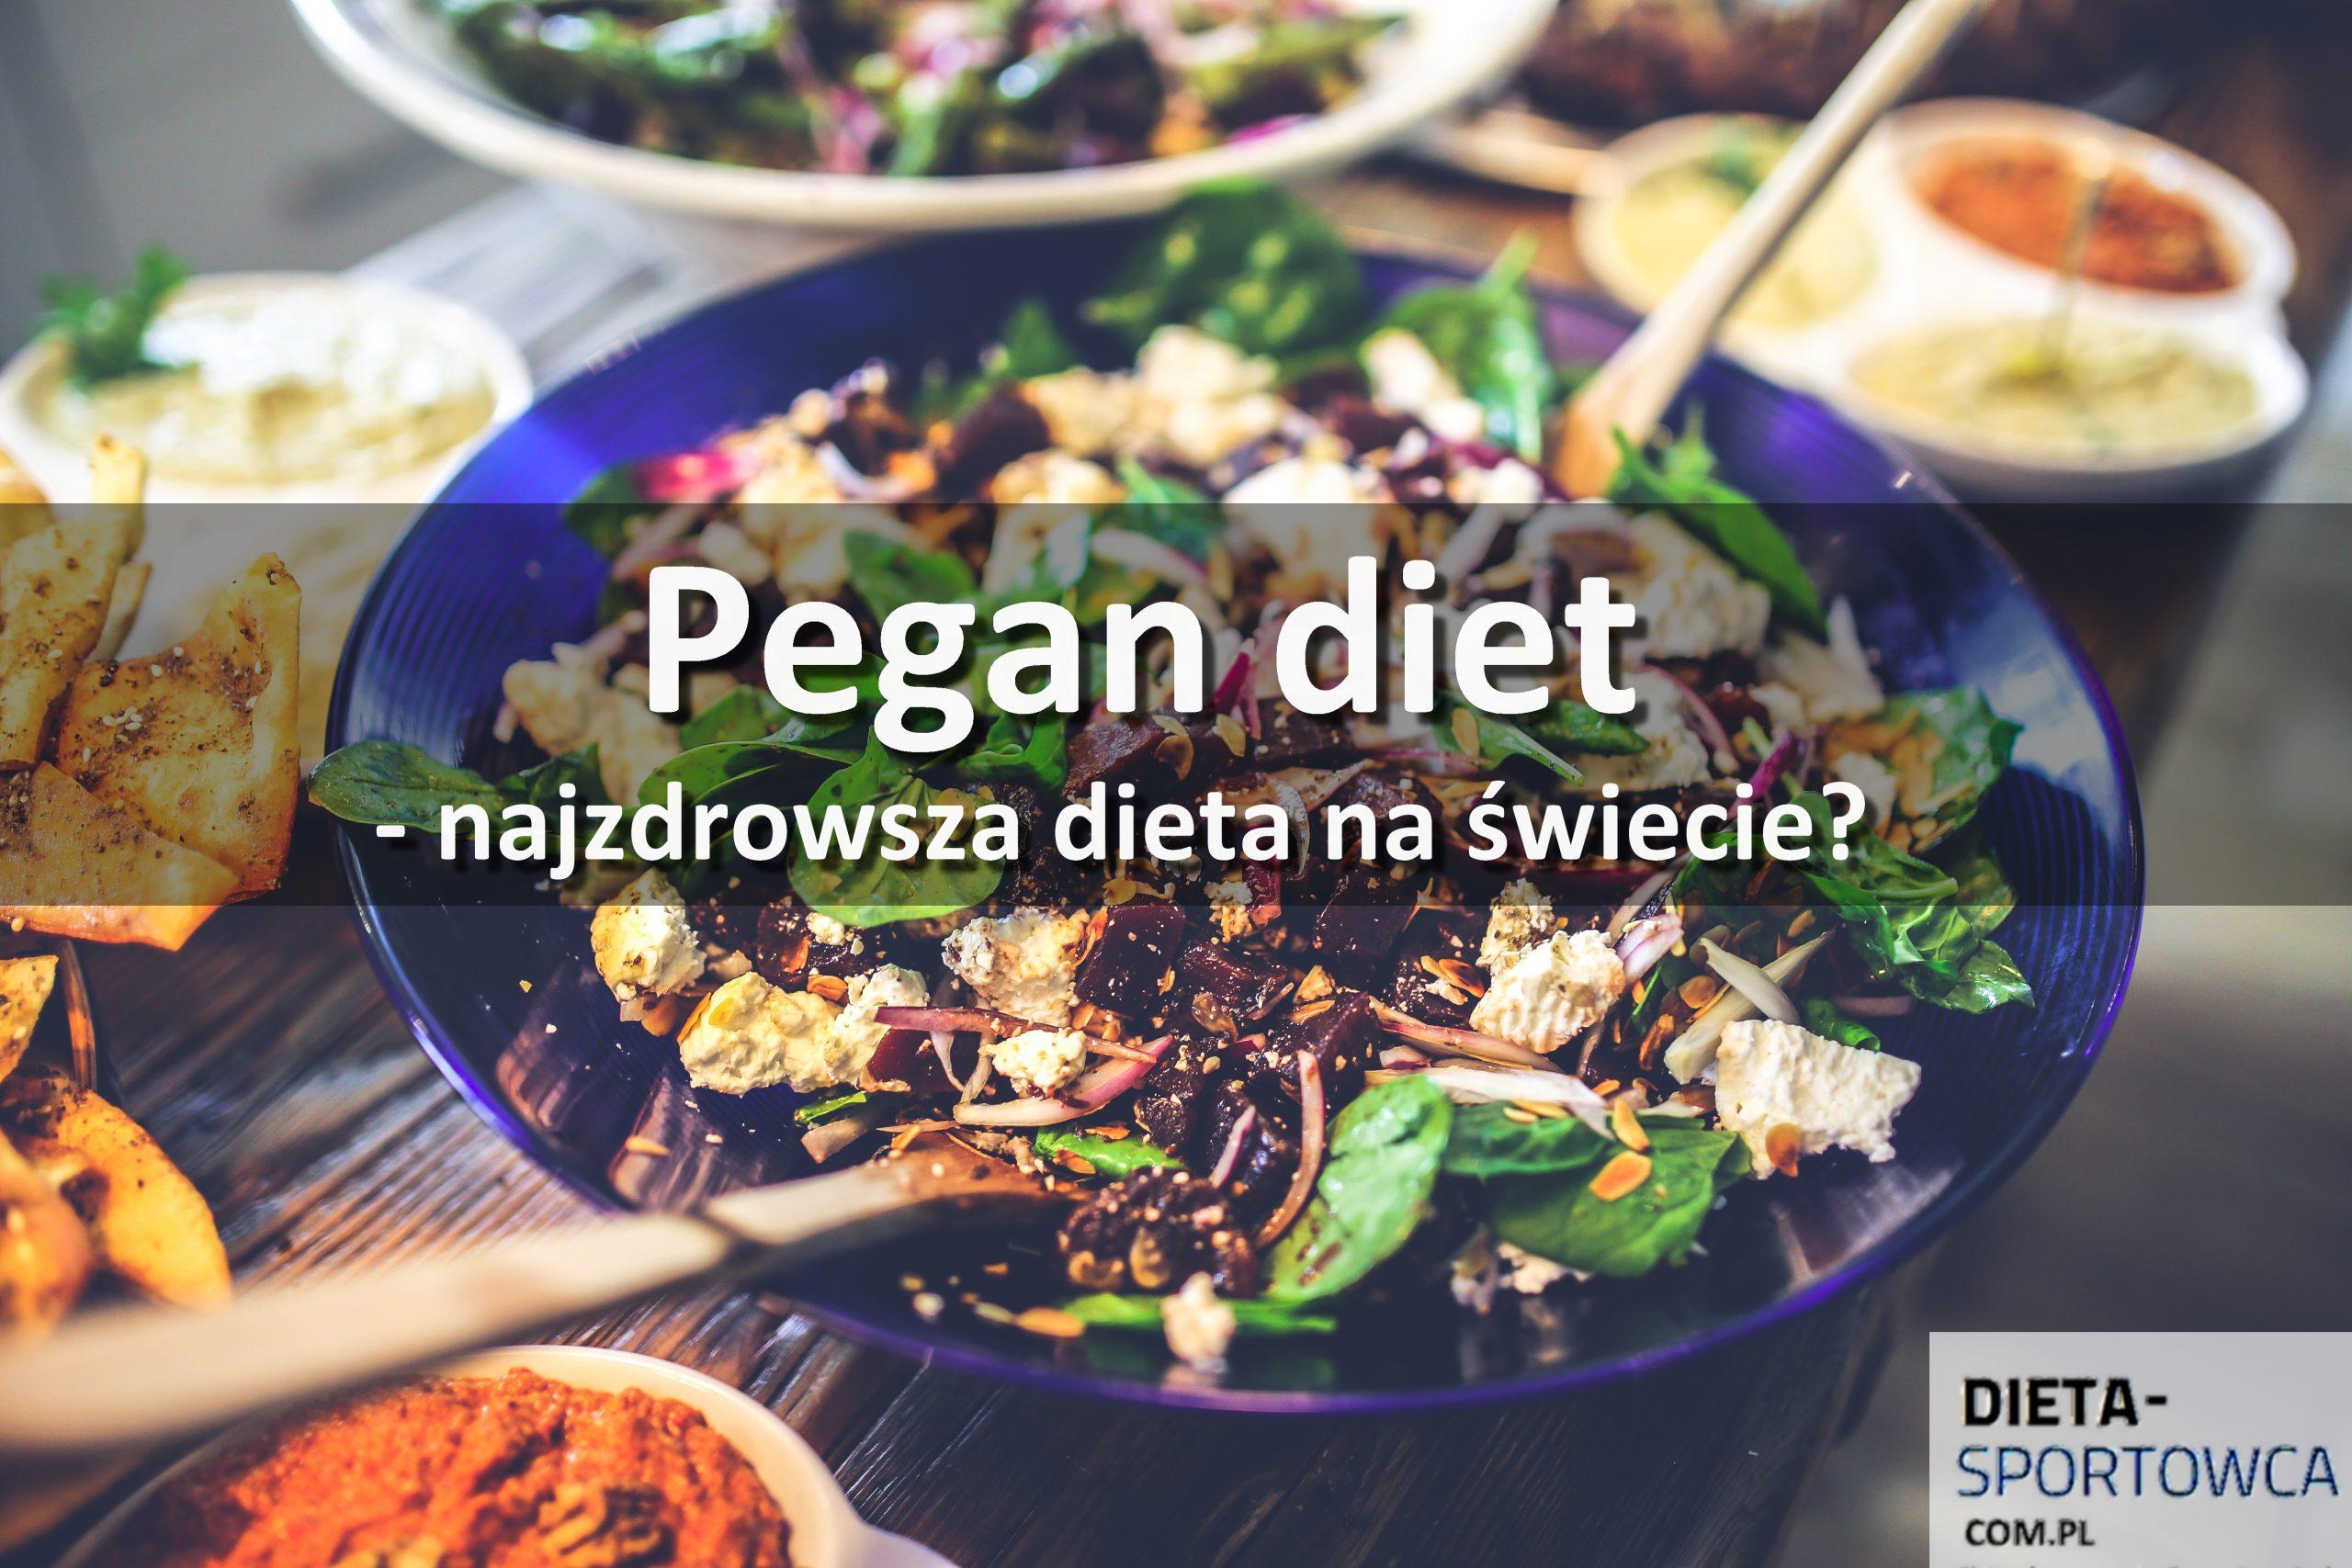 Pegan diet - Najzdrowsza dieta na świecie?